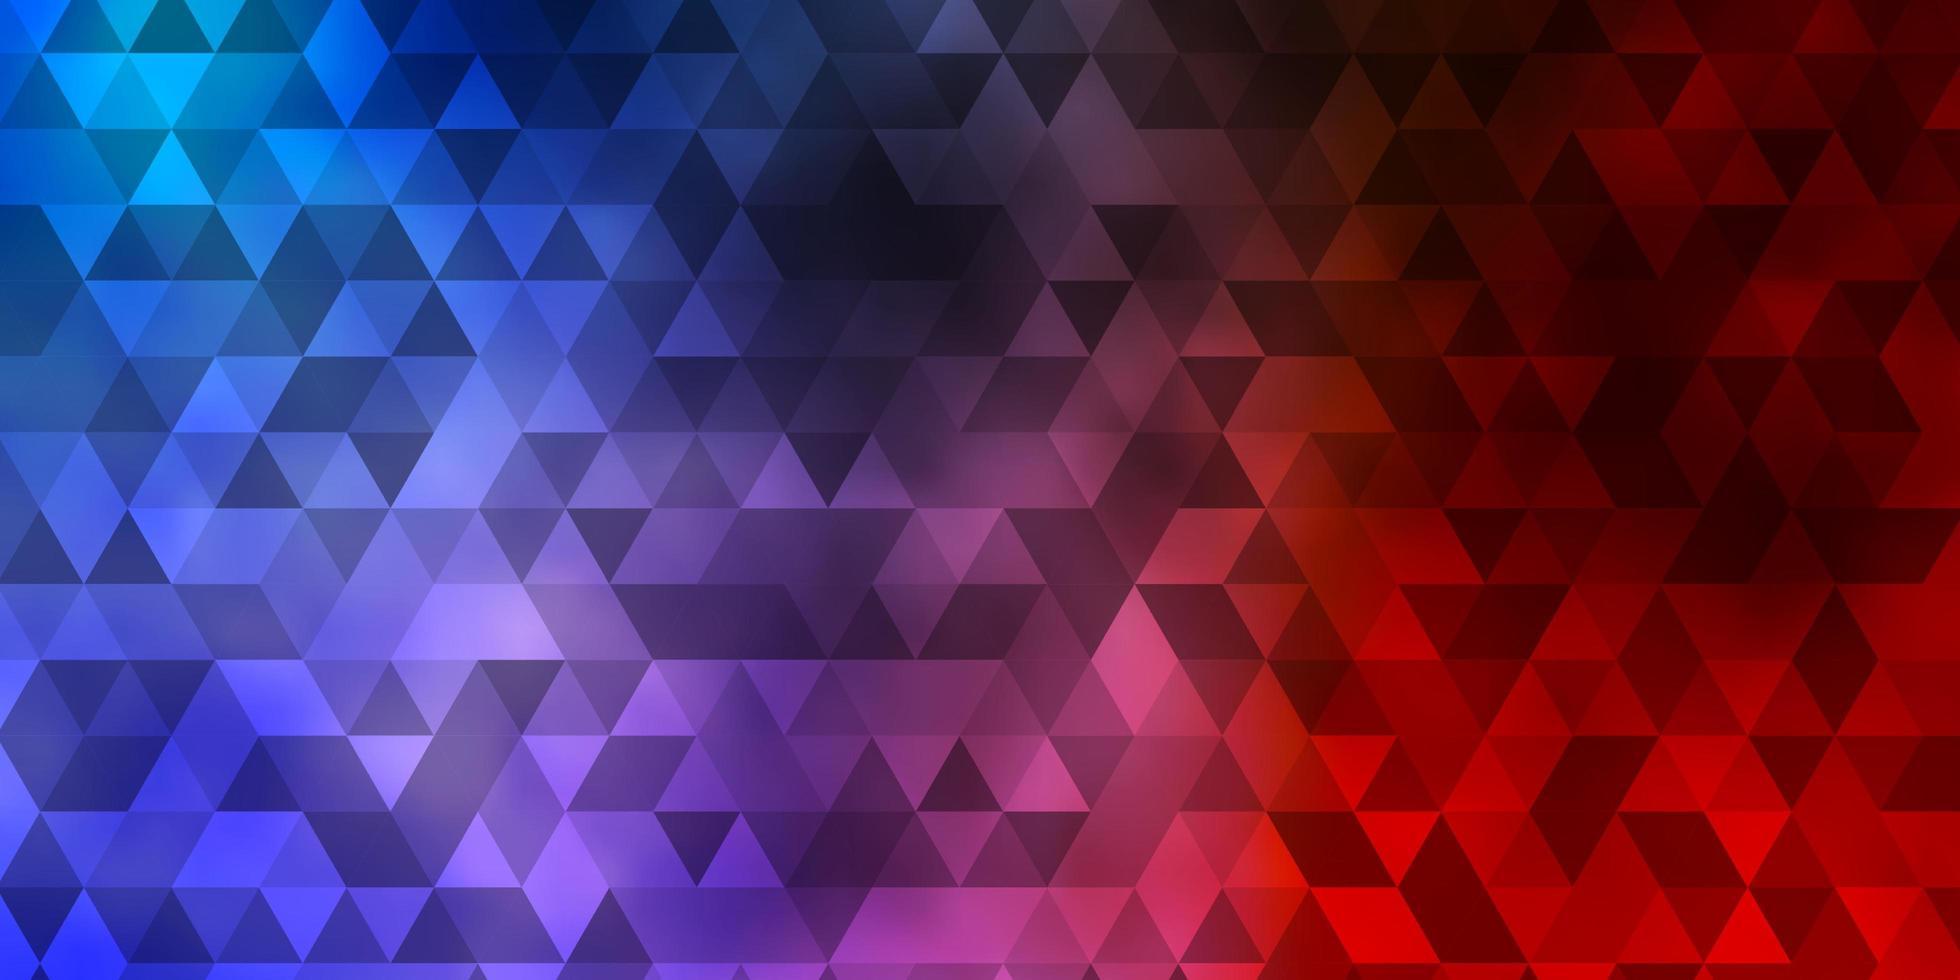 disposition de vecteur bleu clair, rouge avec des lignes, des triangles.